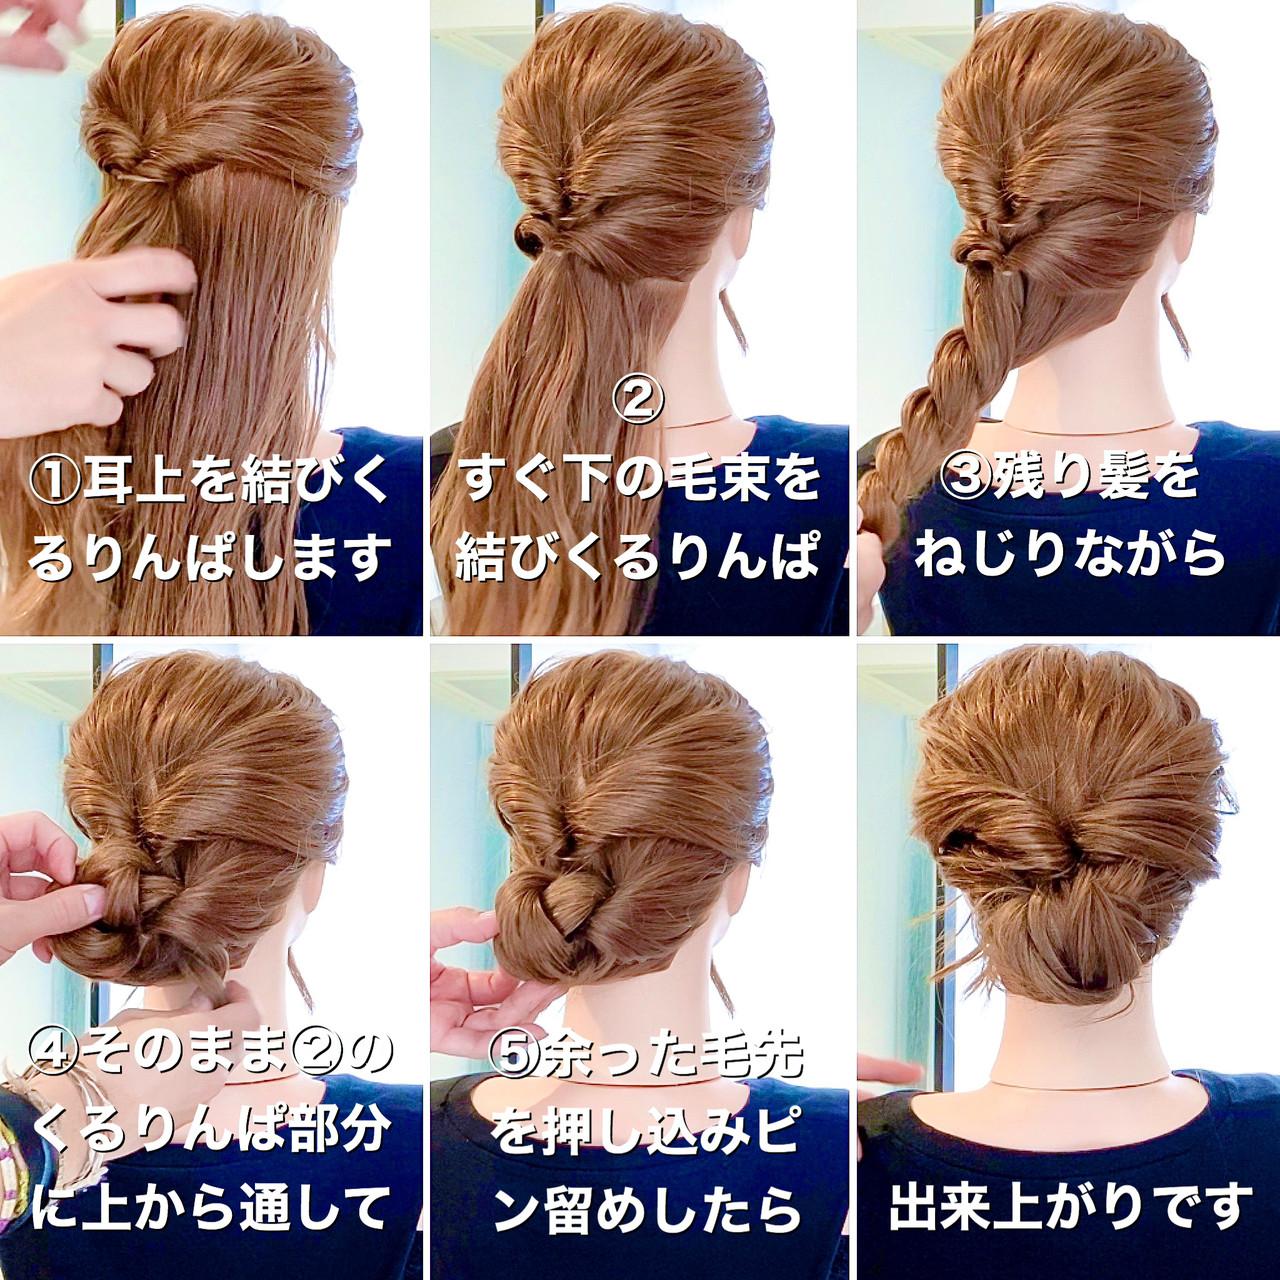 エレガント セルフヘアアレンジ アップスタイル ロング ヘアスタイルや髪型の写真・画像